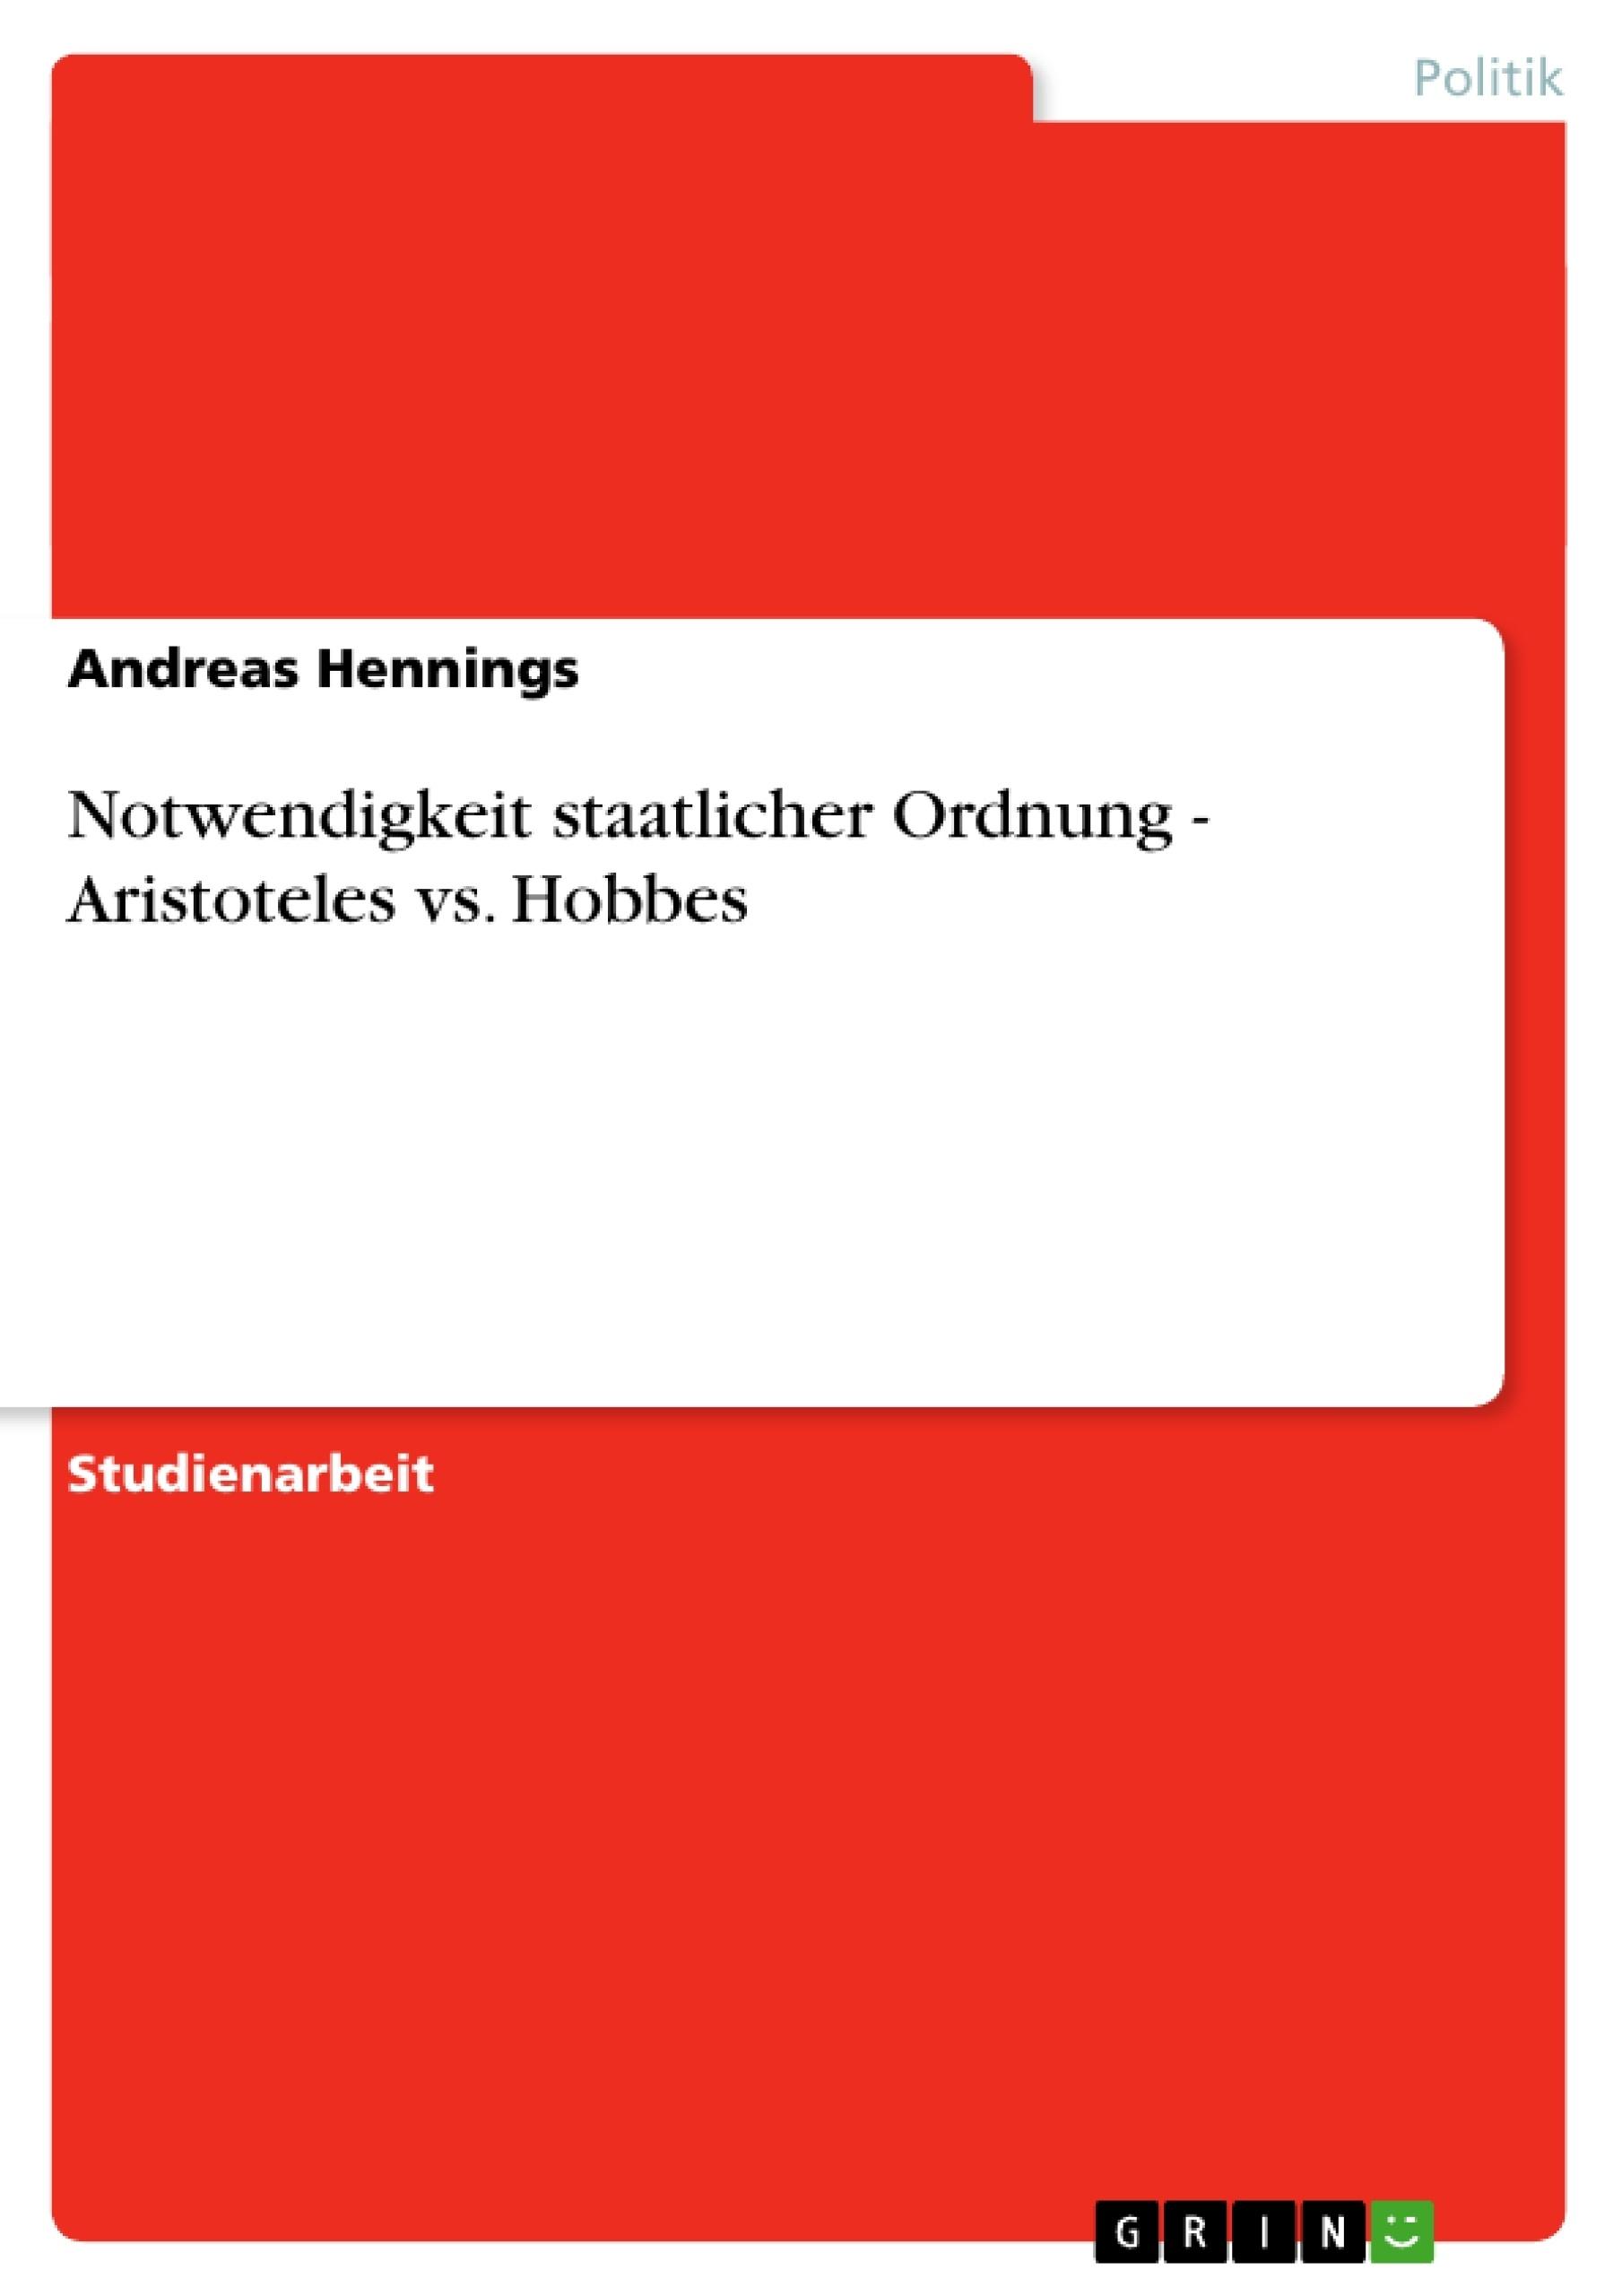 Titel: Notwendigkeit staatlicher Ordnung - Aristoteles vs. Hobbes